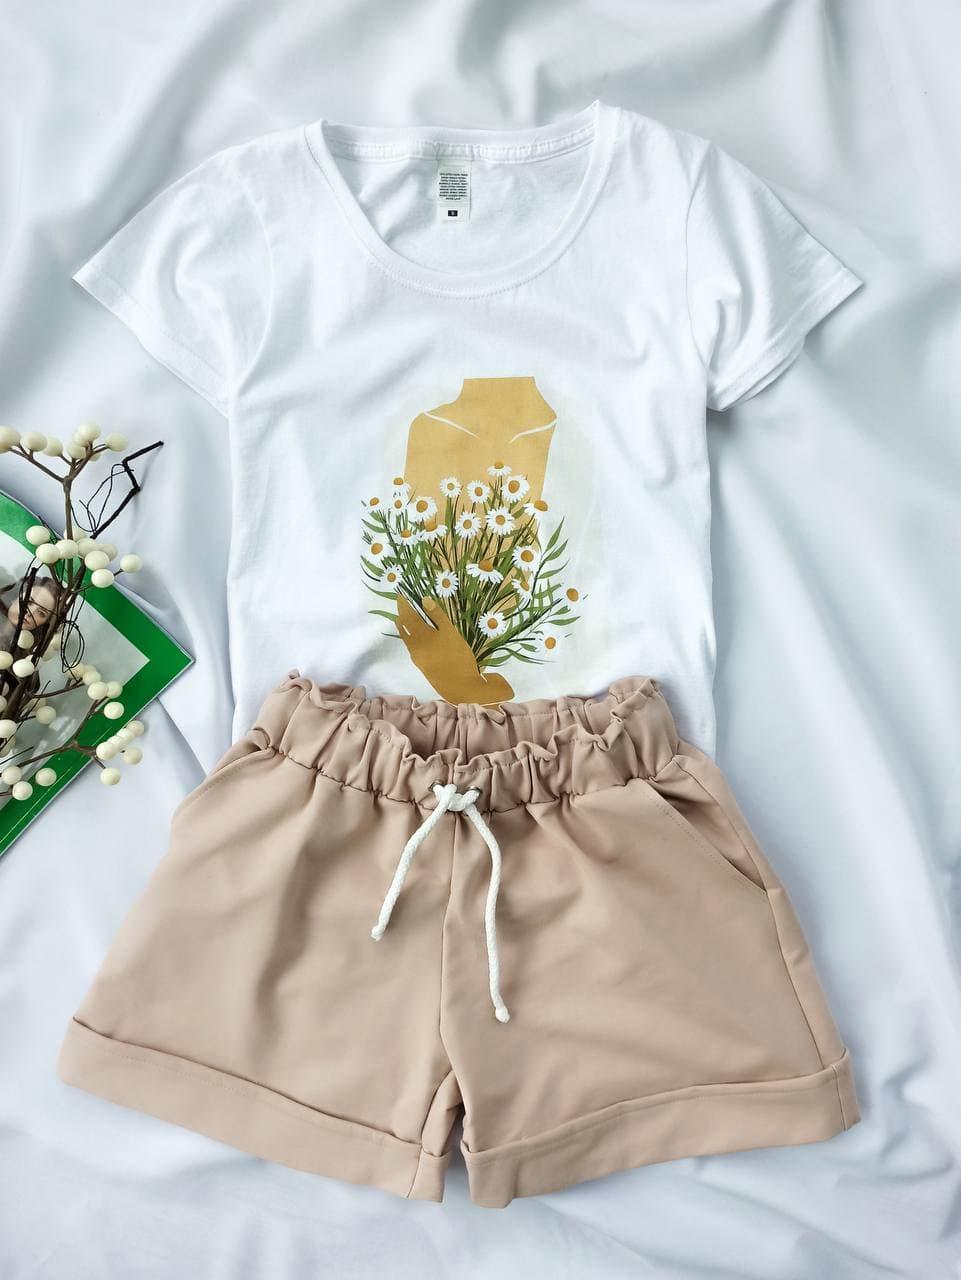 Комплект женский летний (шорты и футболка). Женский летний костюм (белая футболка + бежевые шорты).